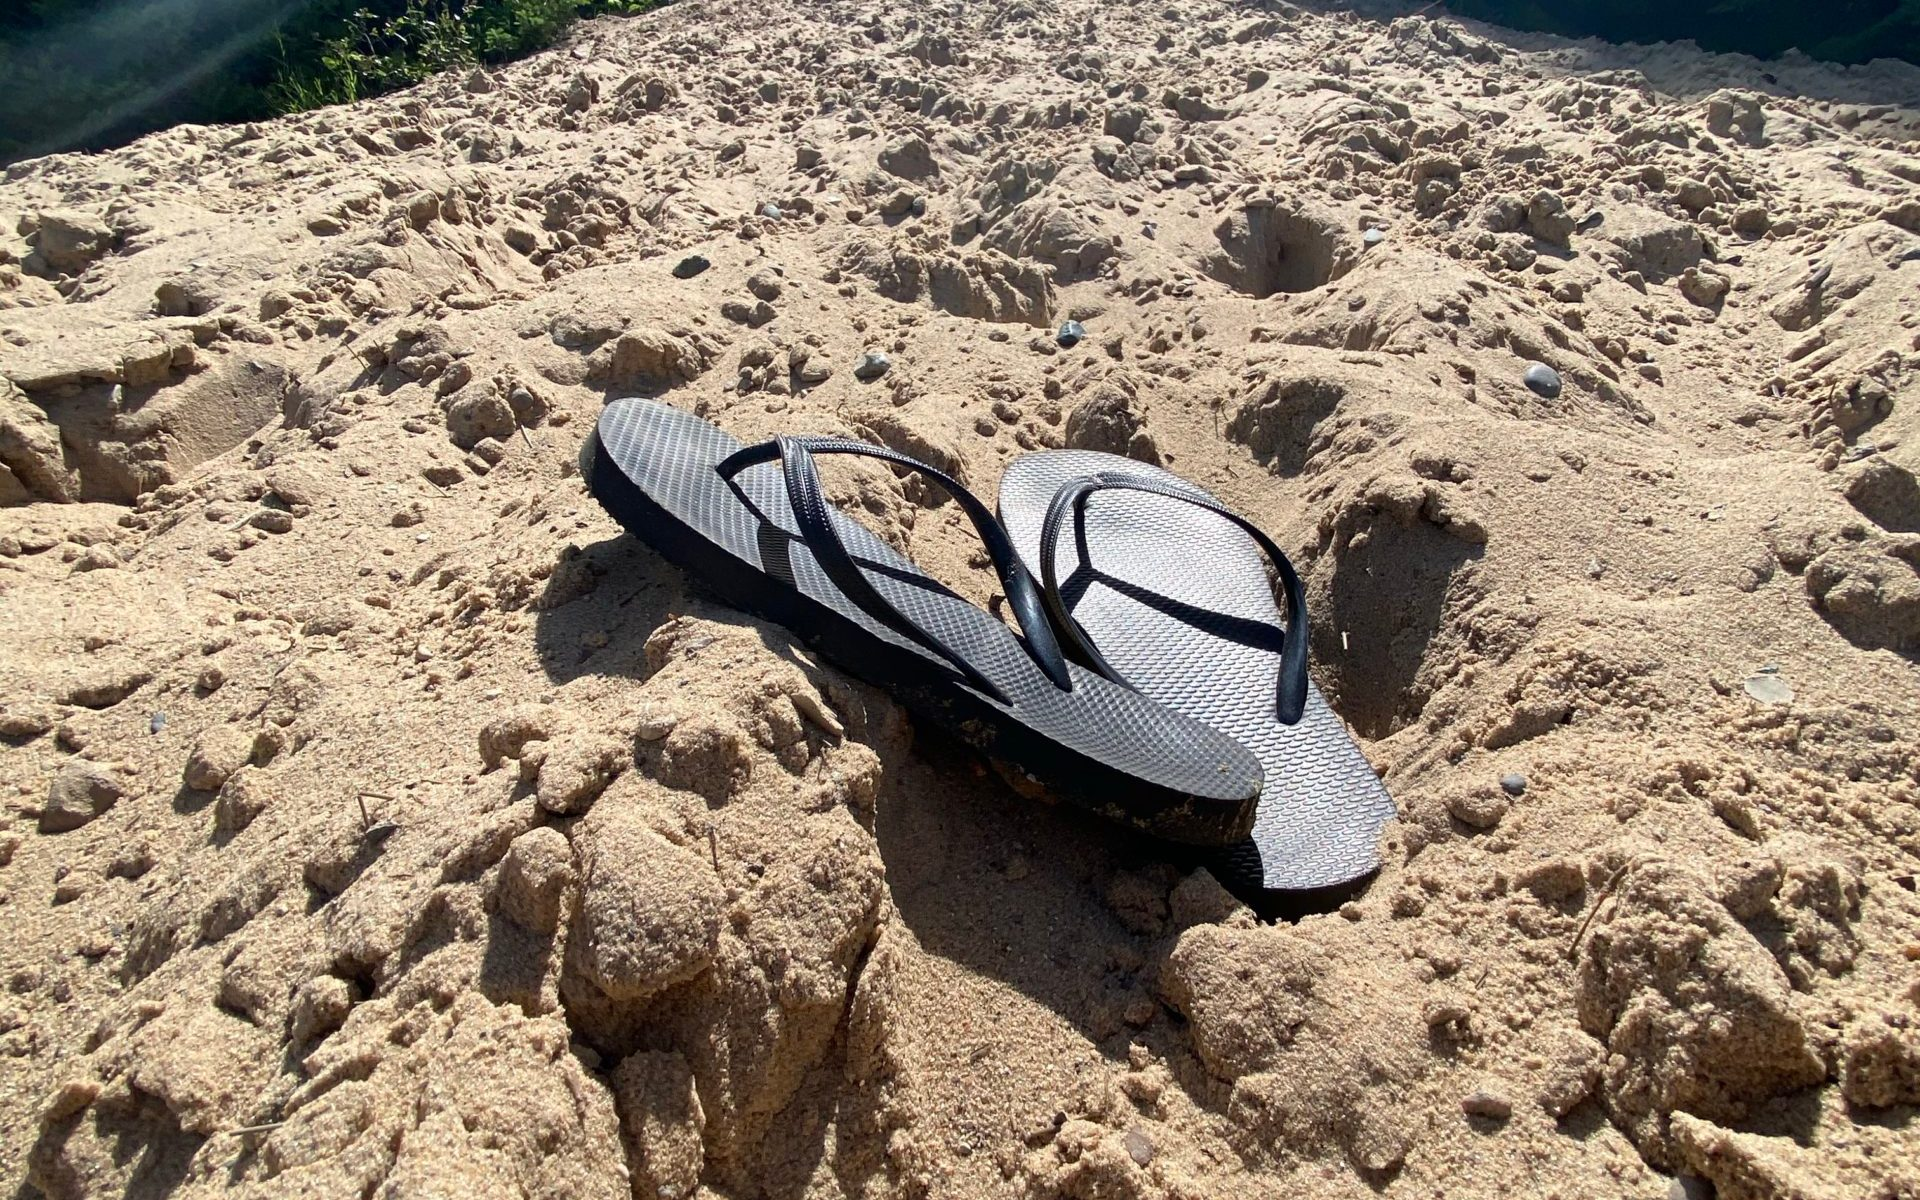 Flip Flops at Bottom of Sand Dune